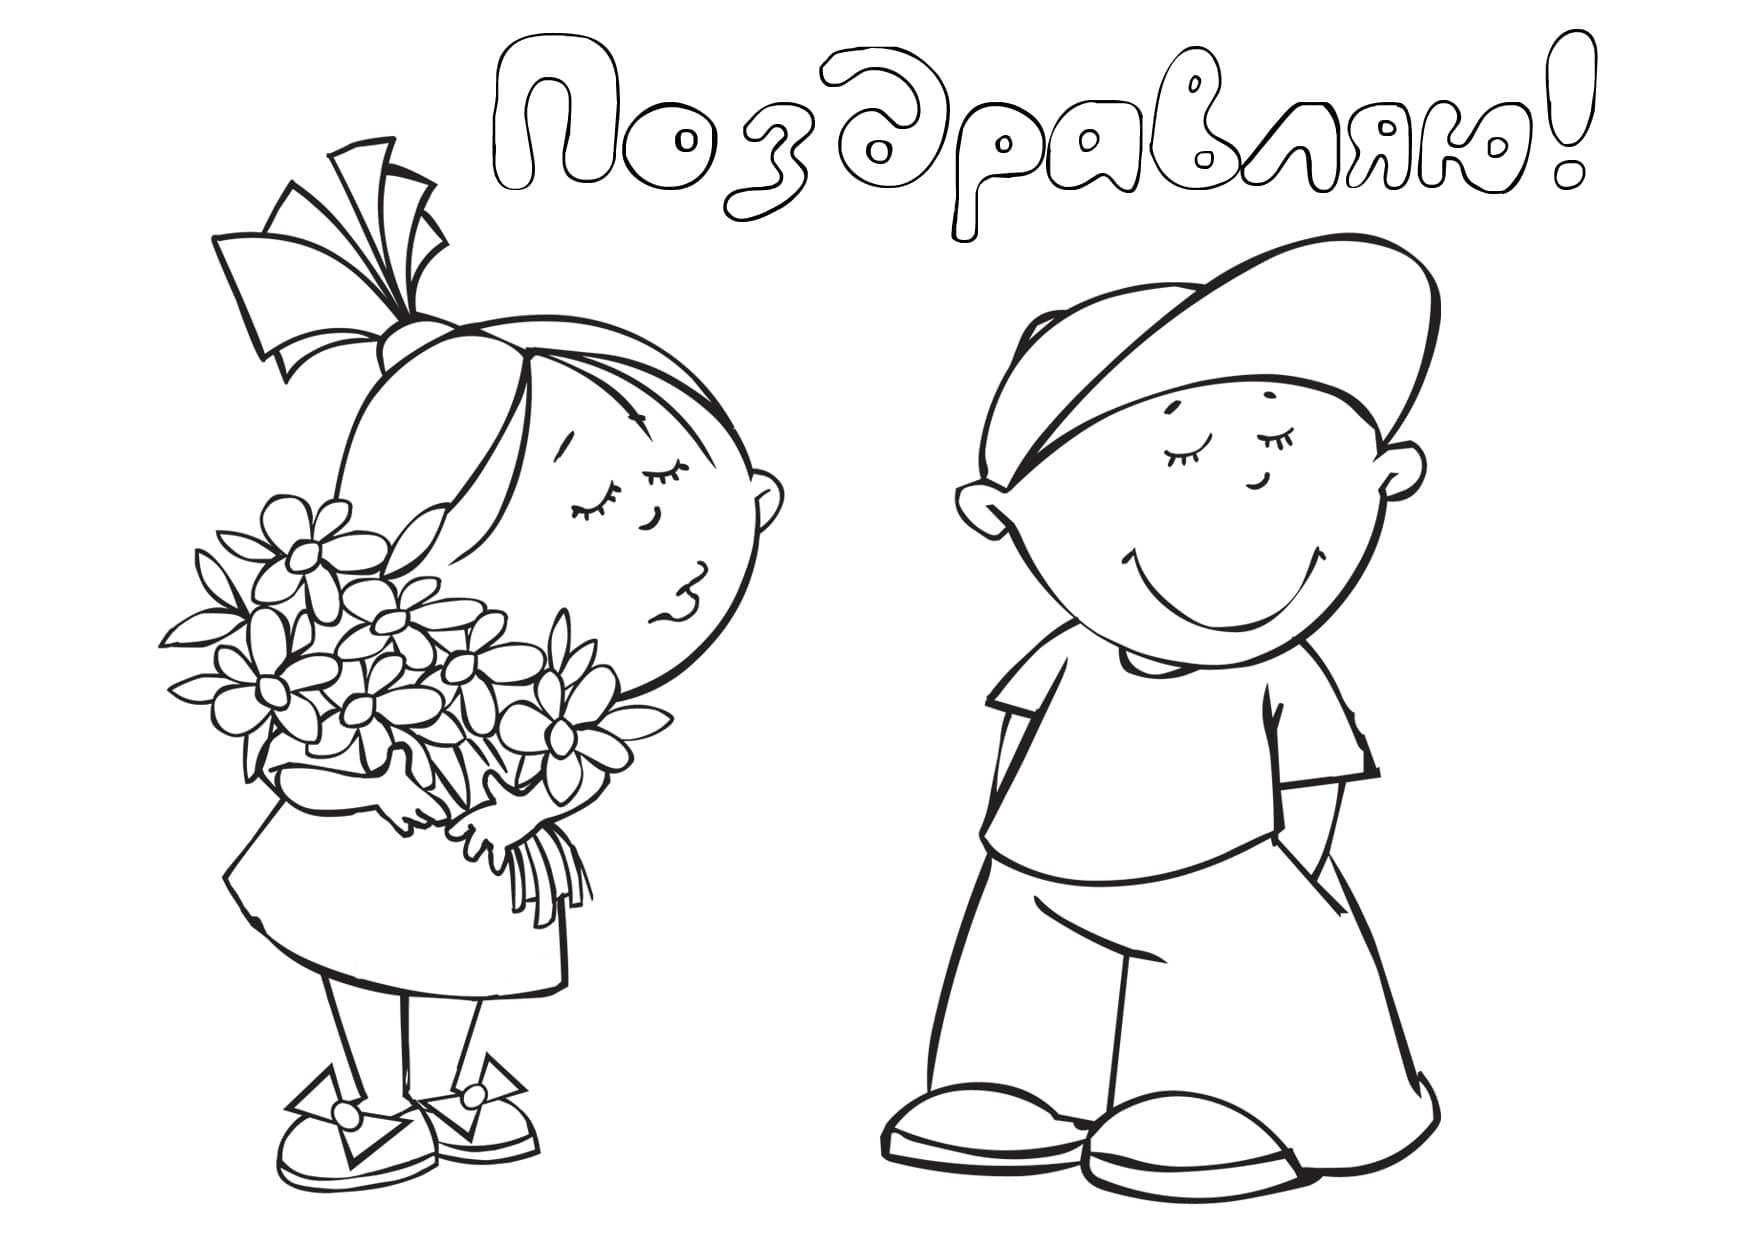 Раскраски 23 февраля распечатать формат а4, внучке бабушки